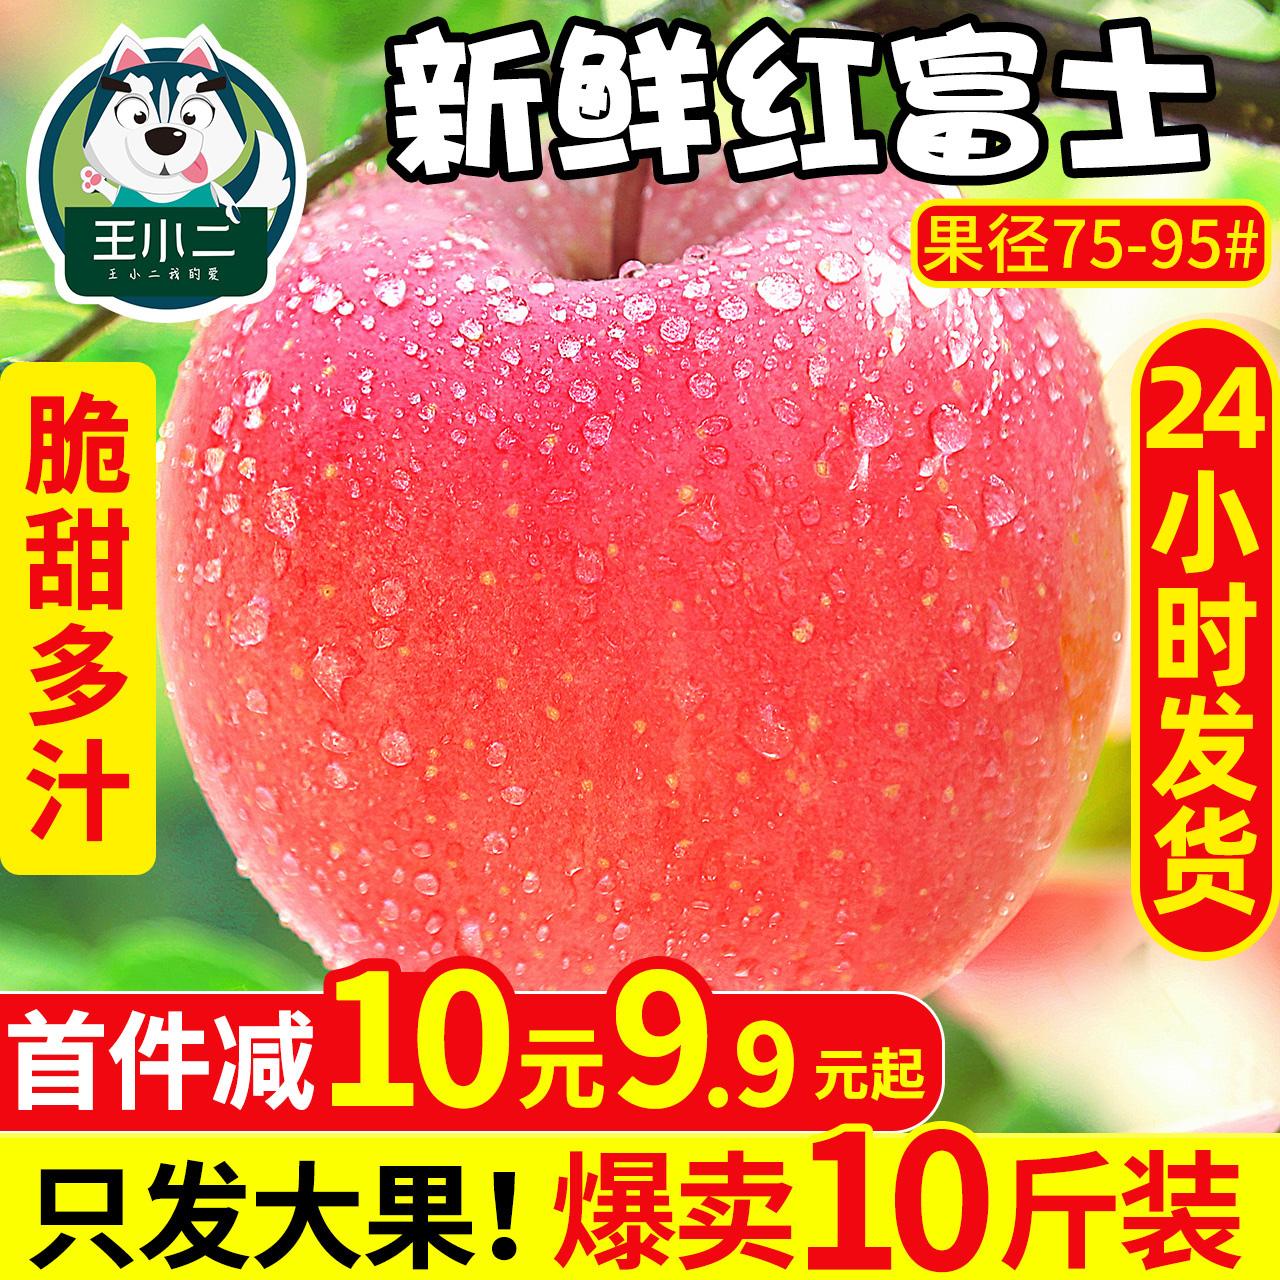 红富士苹果水果新鲜当季整箱陕西红苹果应季冰糖心苹果平安果10斤